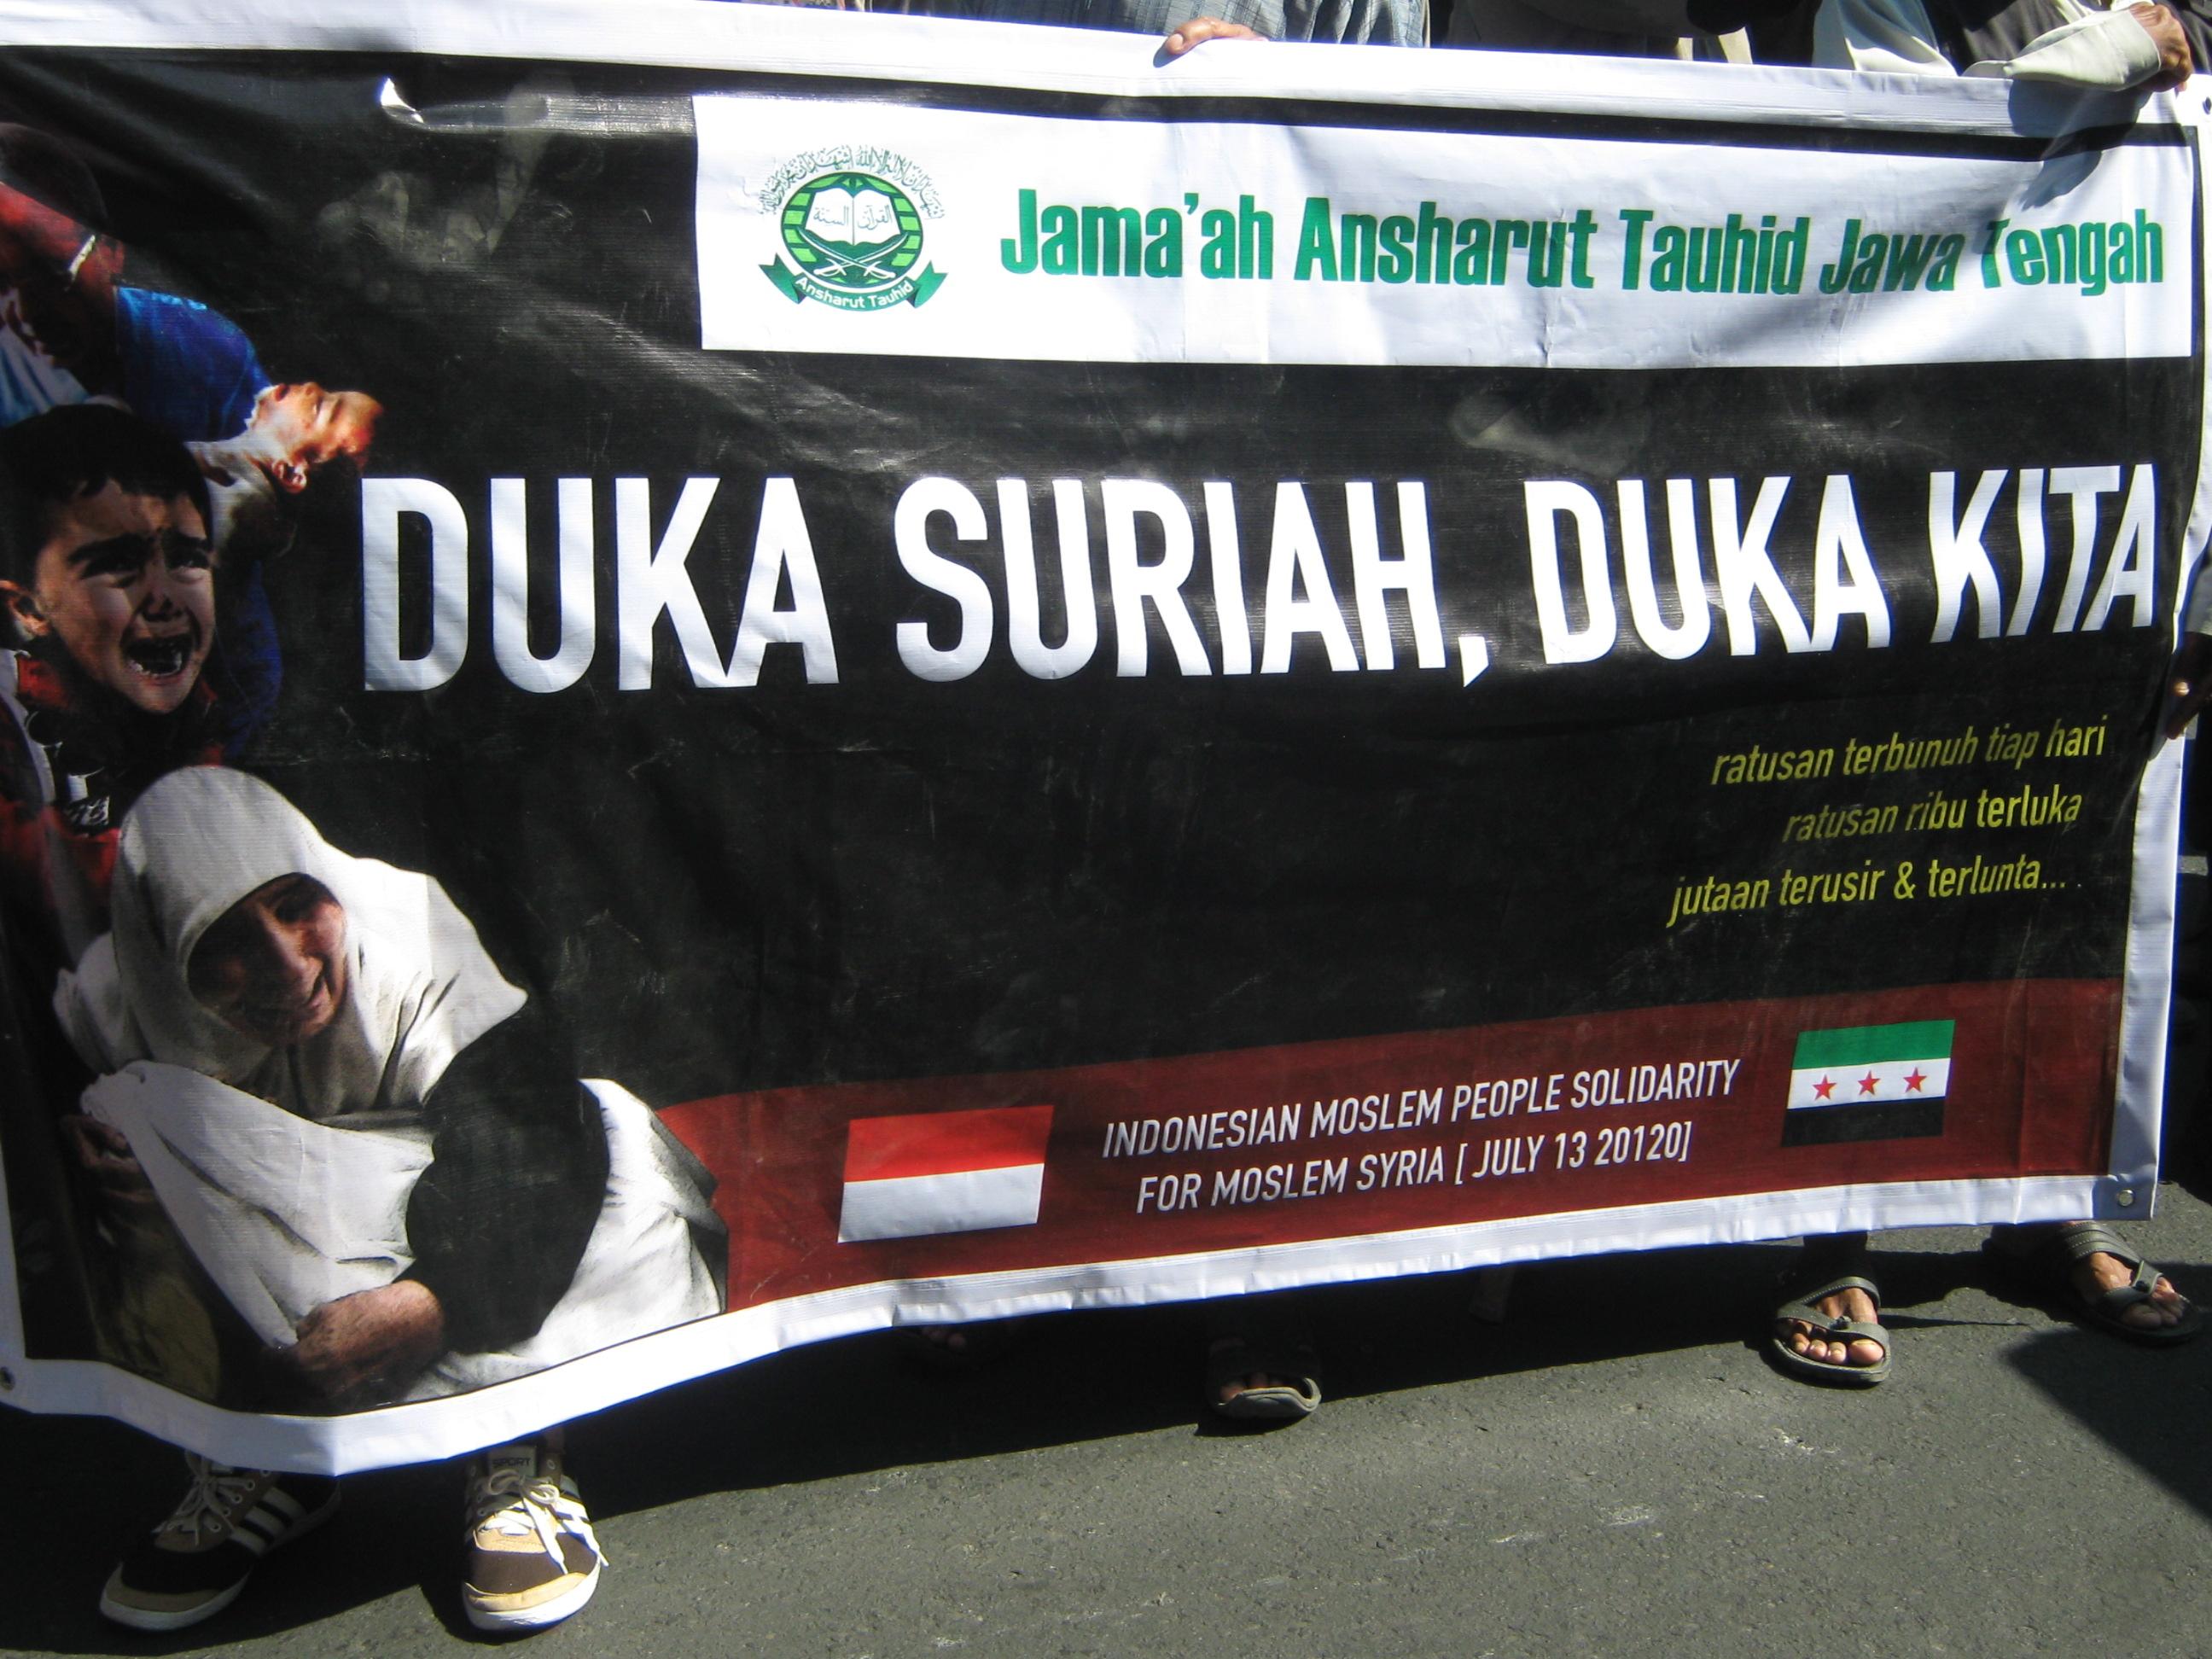 Ribuan Umat Islam Solo Gelar Aksi Kemanusiaan untuk Muslim Suriah - Salam Online